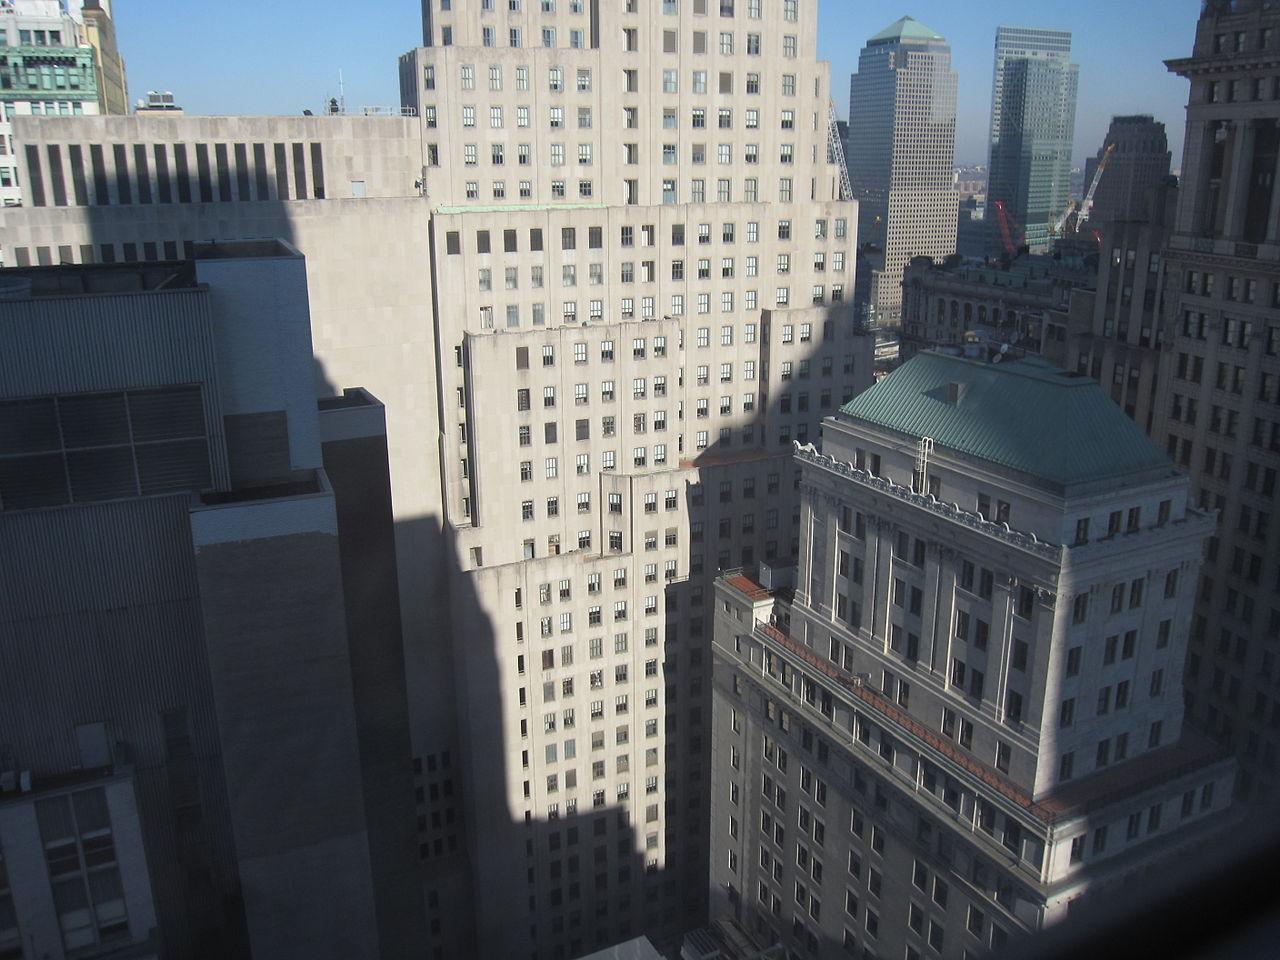 ニューヨーク州と、ニューヨーク州の大学を知ろう